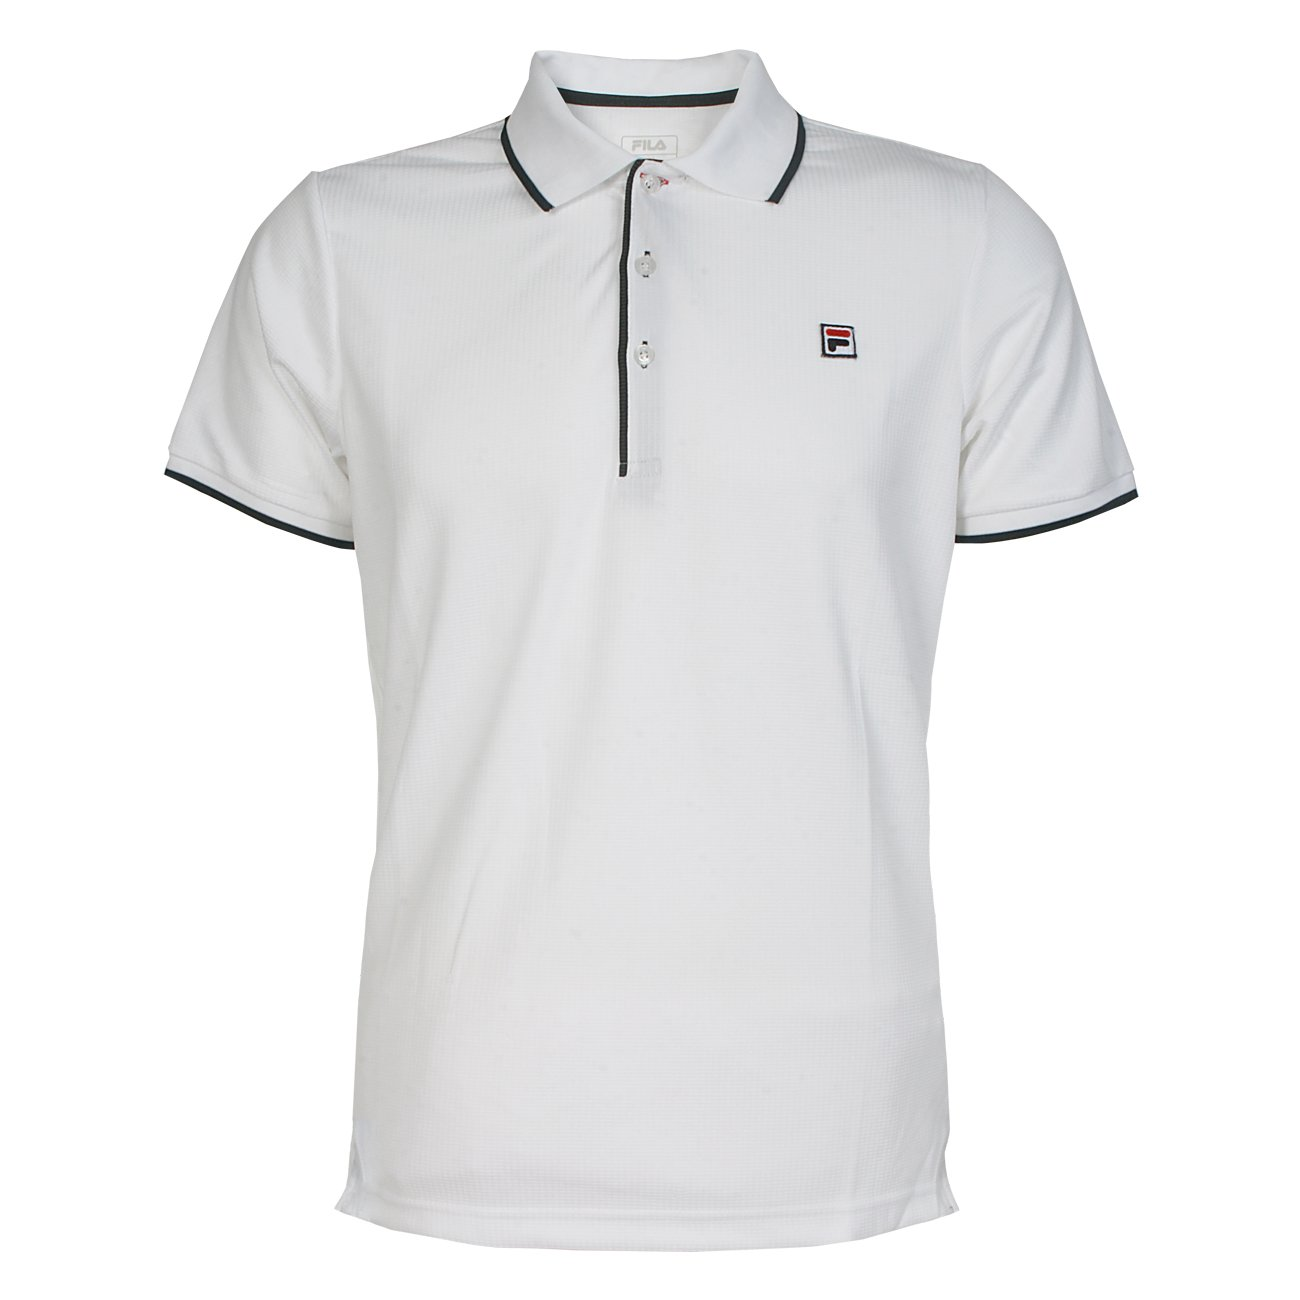 Fila Herren Tennisshirt Tennisshirt Herren Poloshirt Sportshirt Polo Parker weiß 733fa0